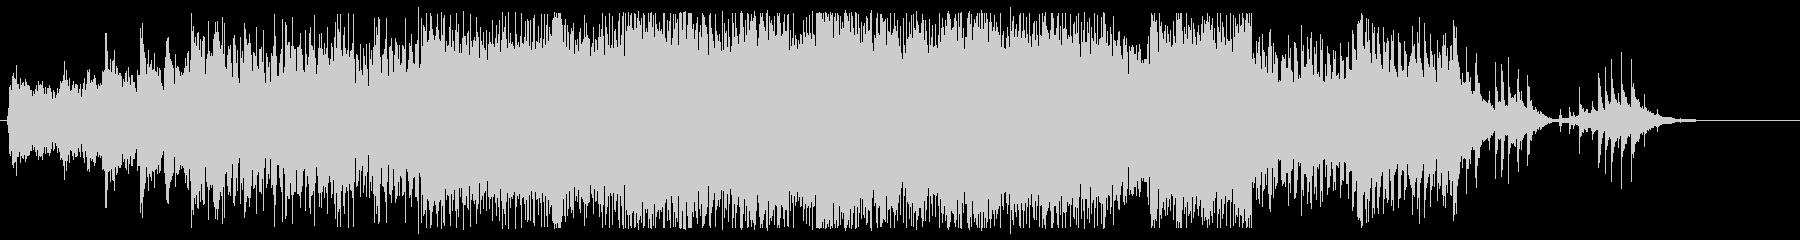 戦闘系っぽいピアノTranceの未再生の波形